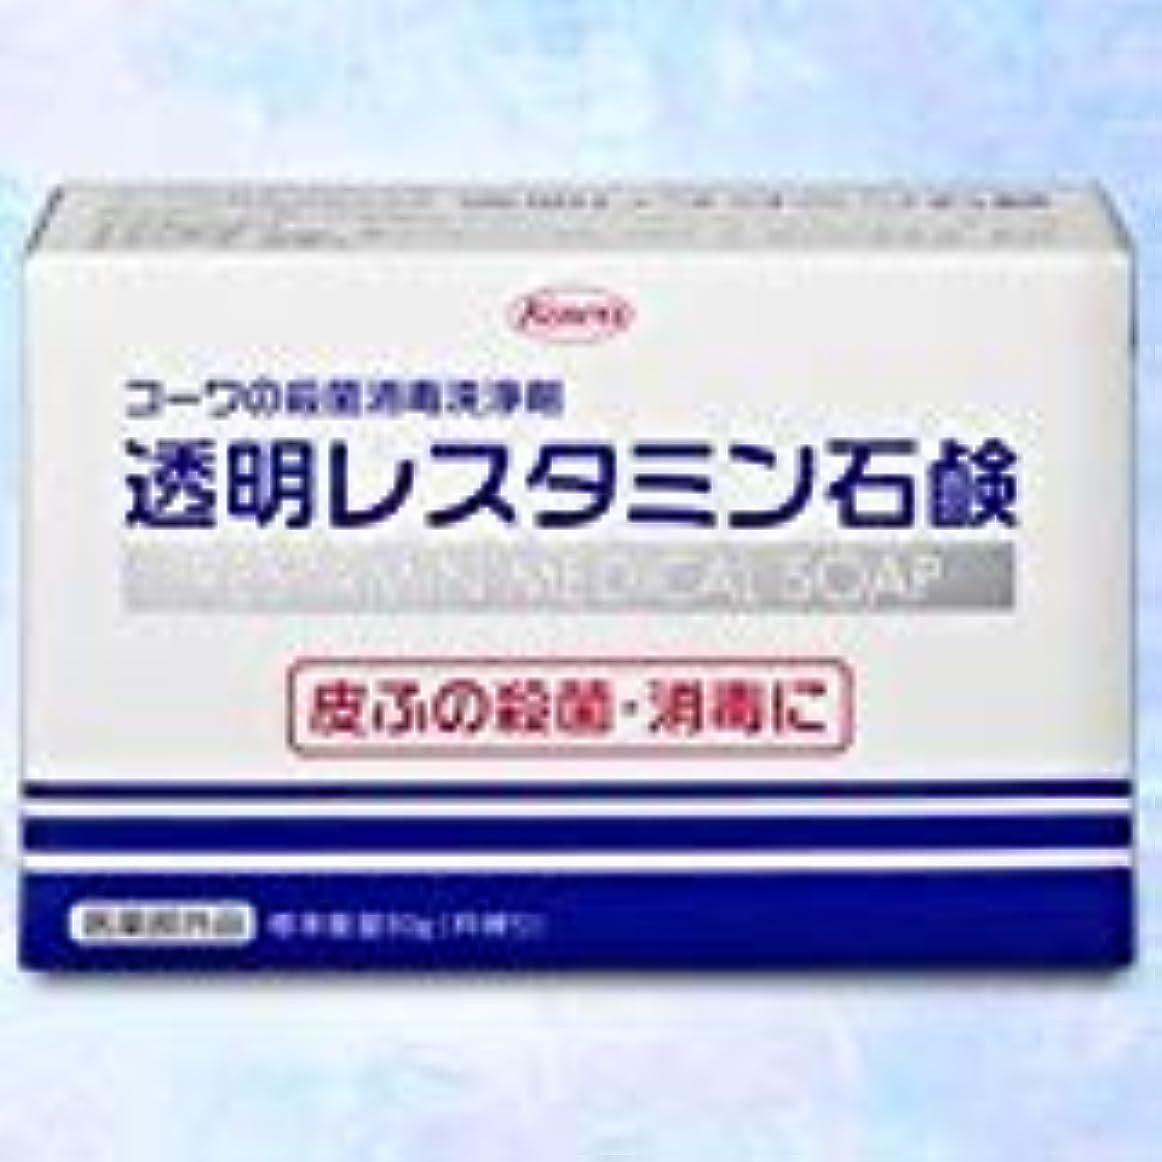 明快オペレータースタンド【興和】コーワの殺菌消毒洗浄剤「透明レスタミン石鹸」80g(医薬部外品) ×5個セット